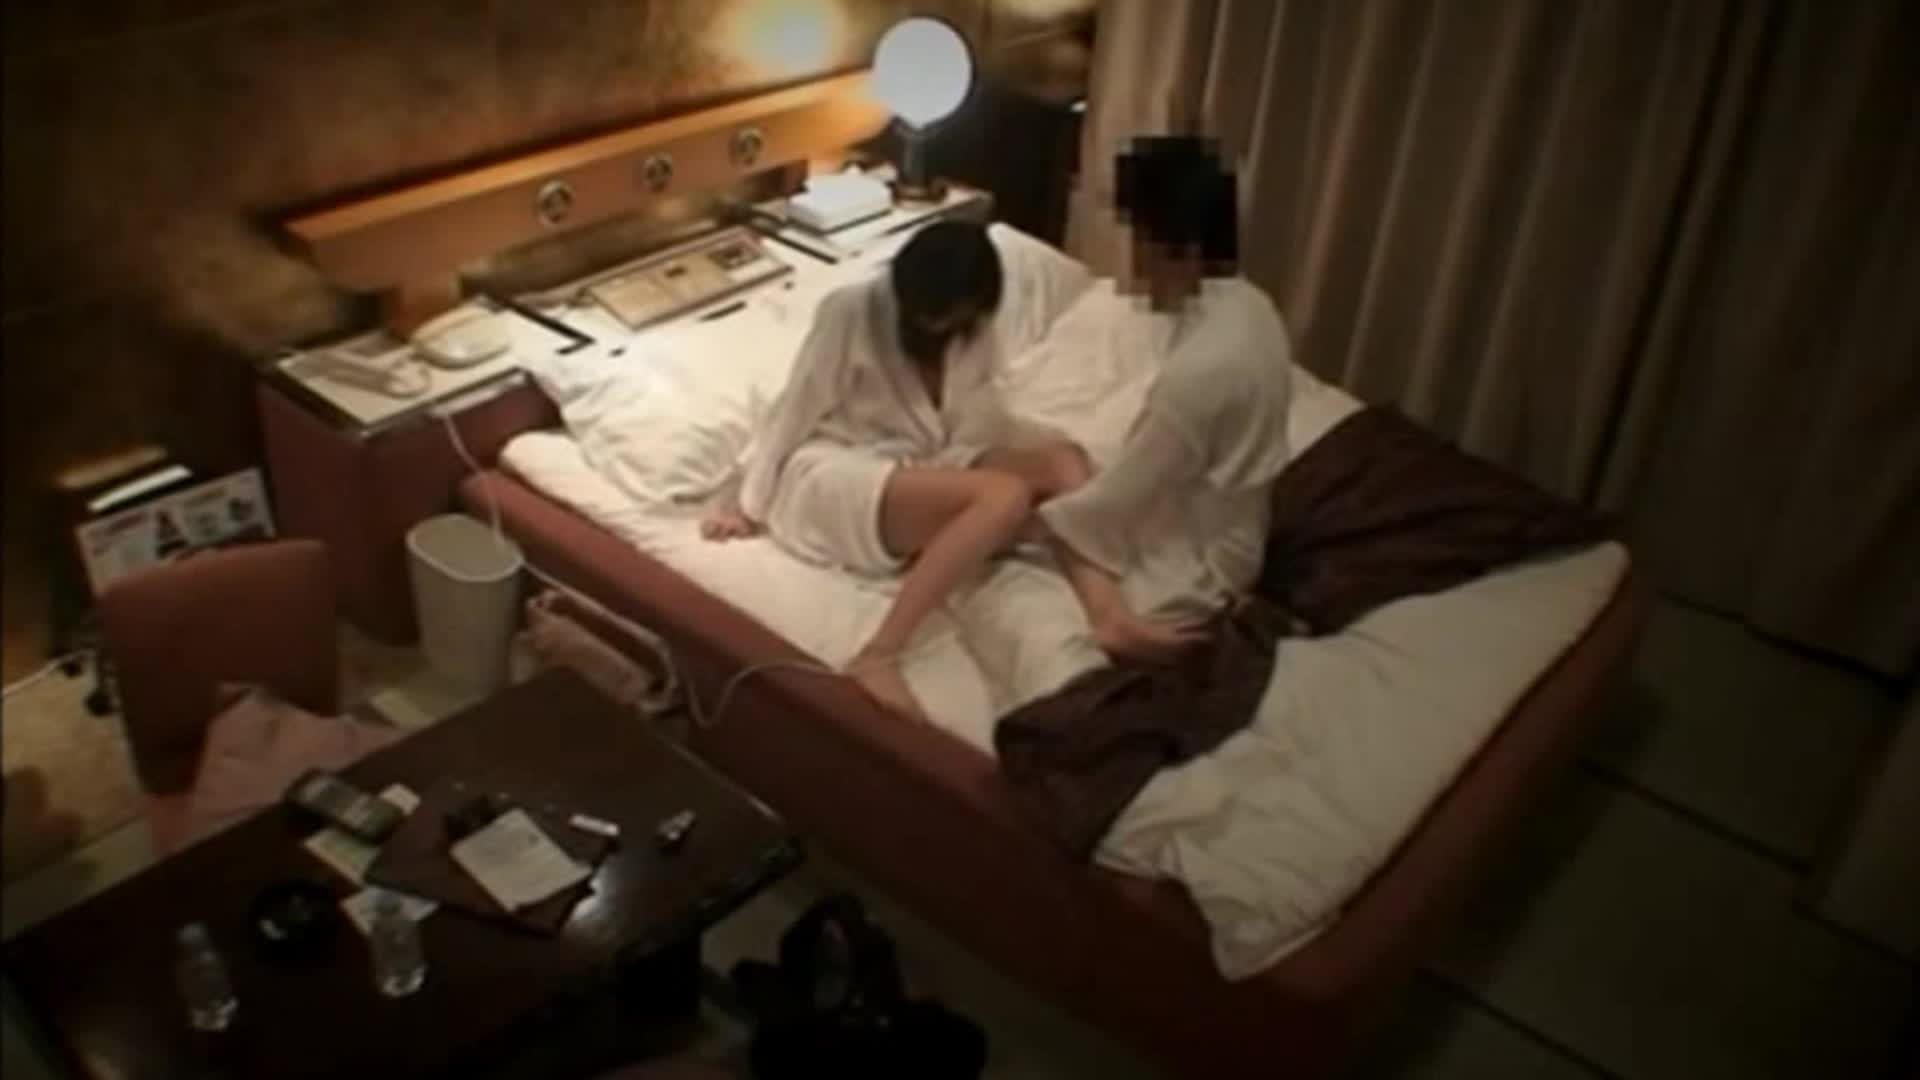 【ラブホ盗撮エロ画像】今夜は日本中のラブホが満室!?隠しカメラが仕掛けられてなければいいがなwwwざまぁとしか思えないラブホ隠し撮り その9